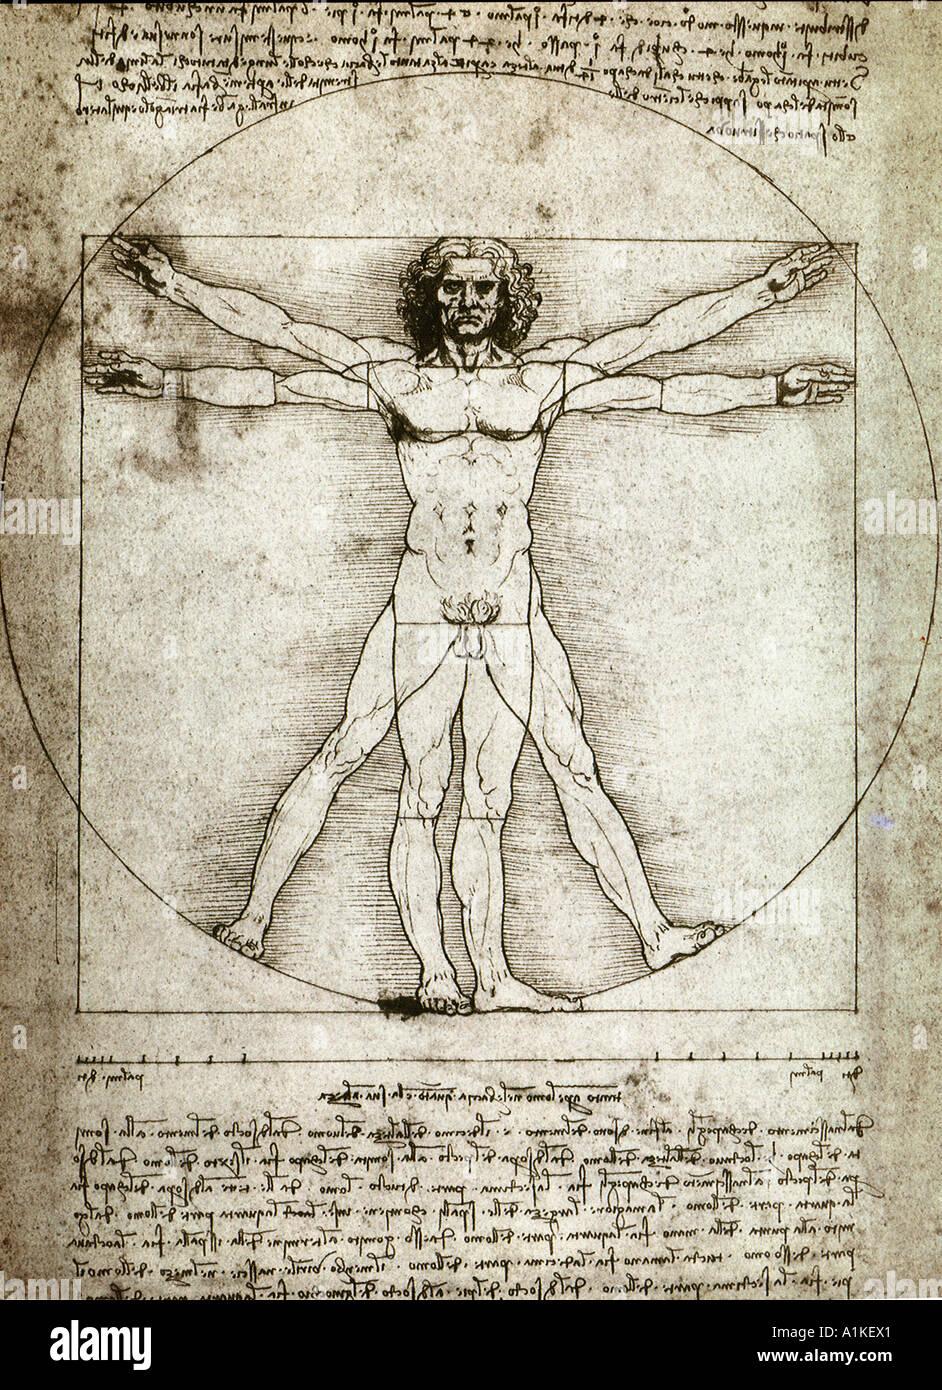 Vitruvian Mann Skizze von Leonardo da Vinci Stockfoto, Bild: 5875232 ...